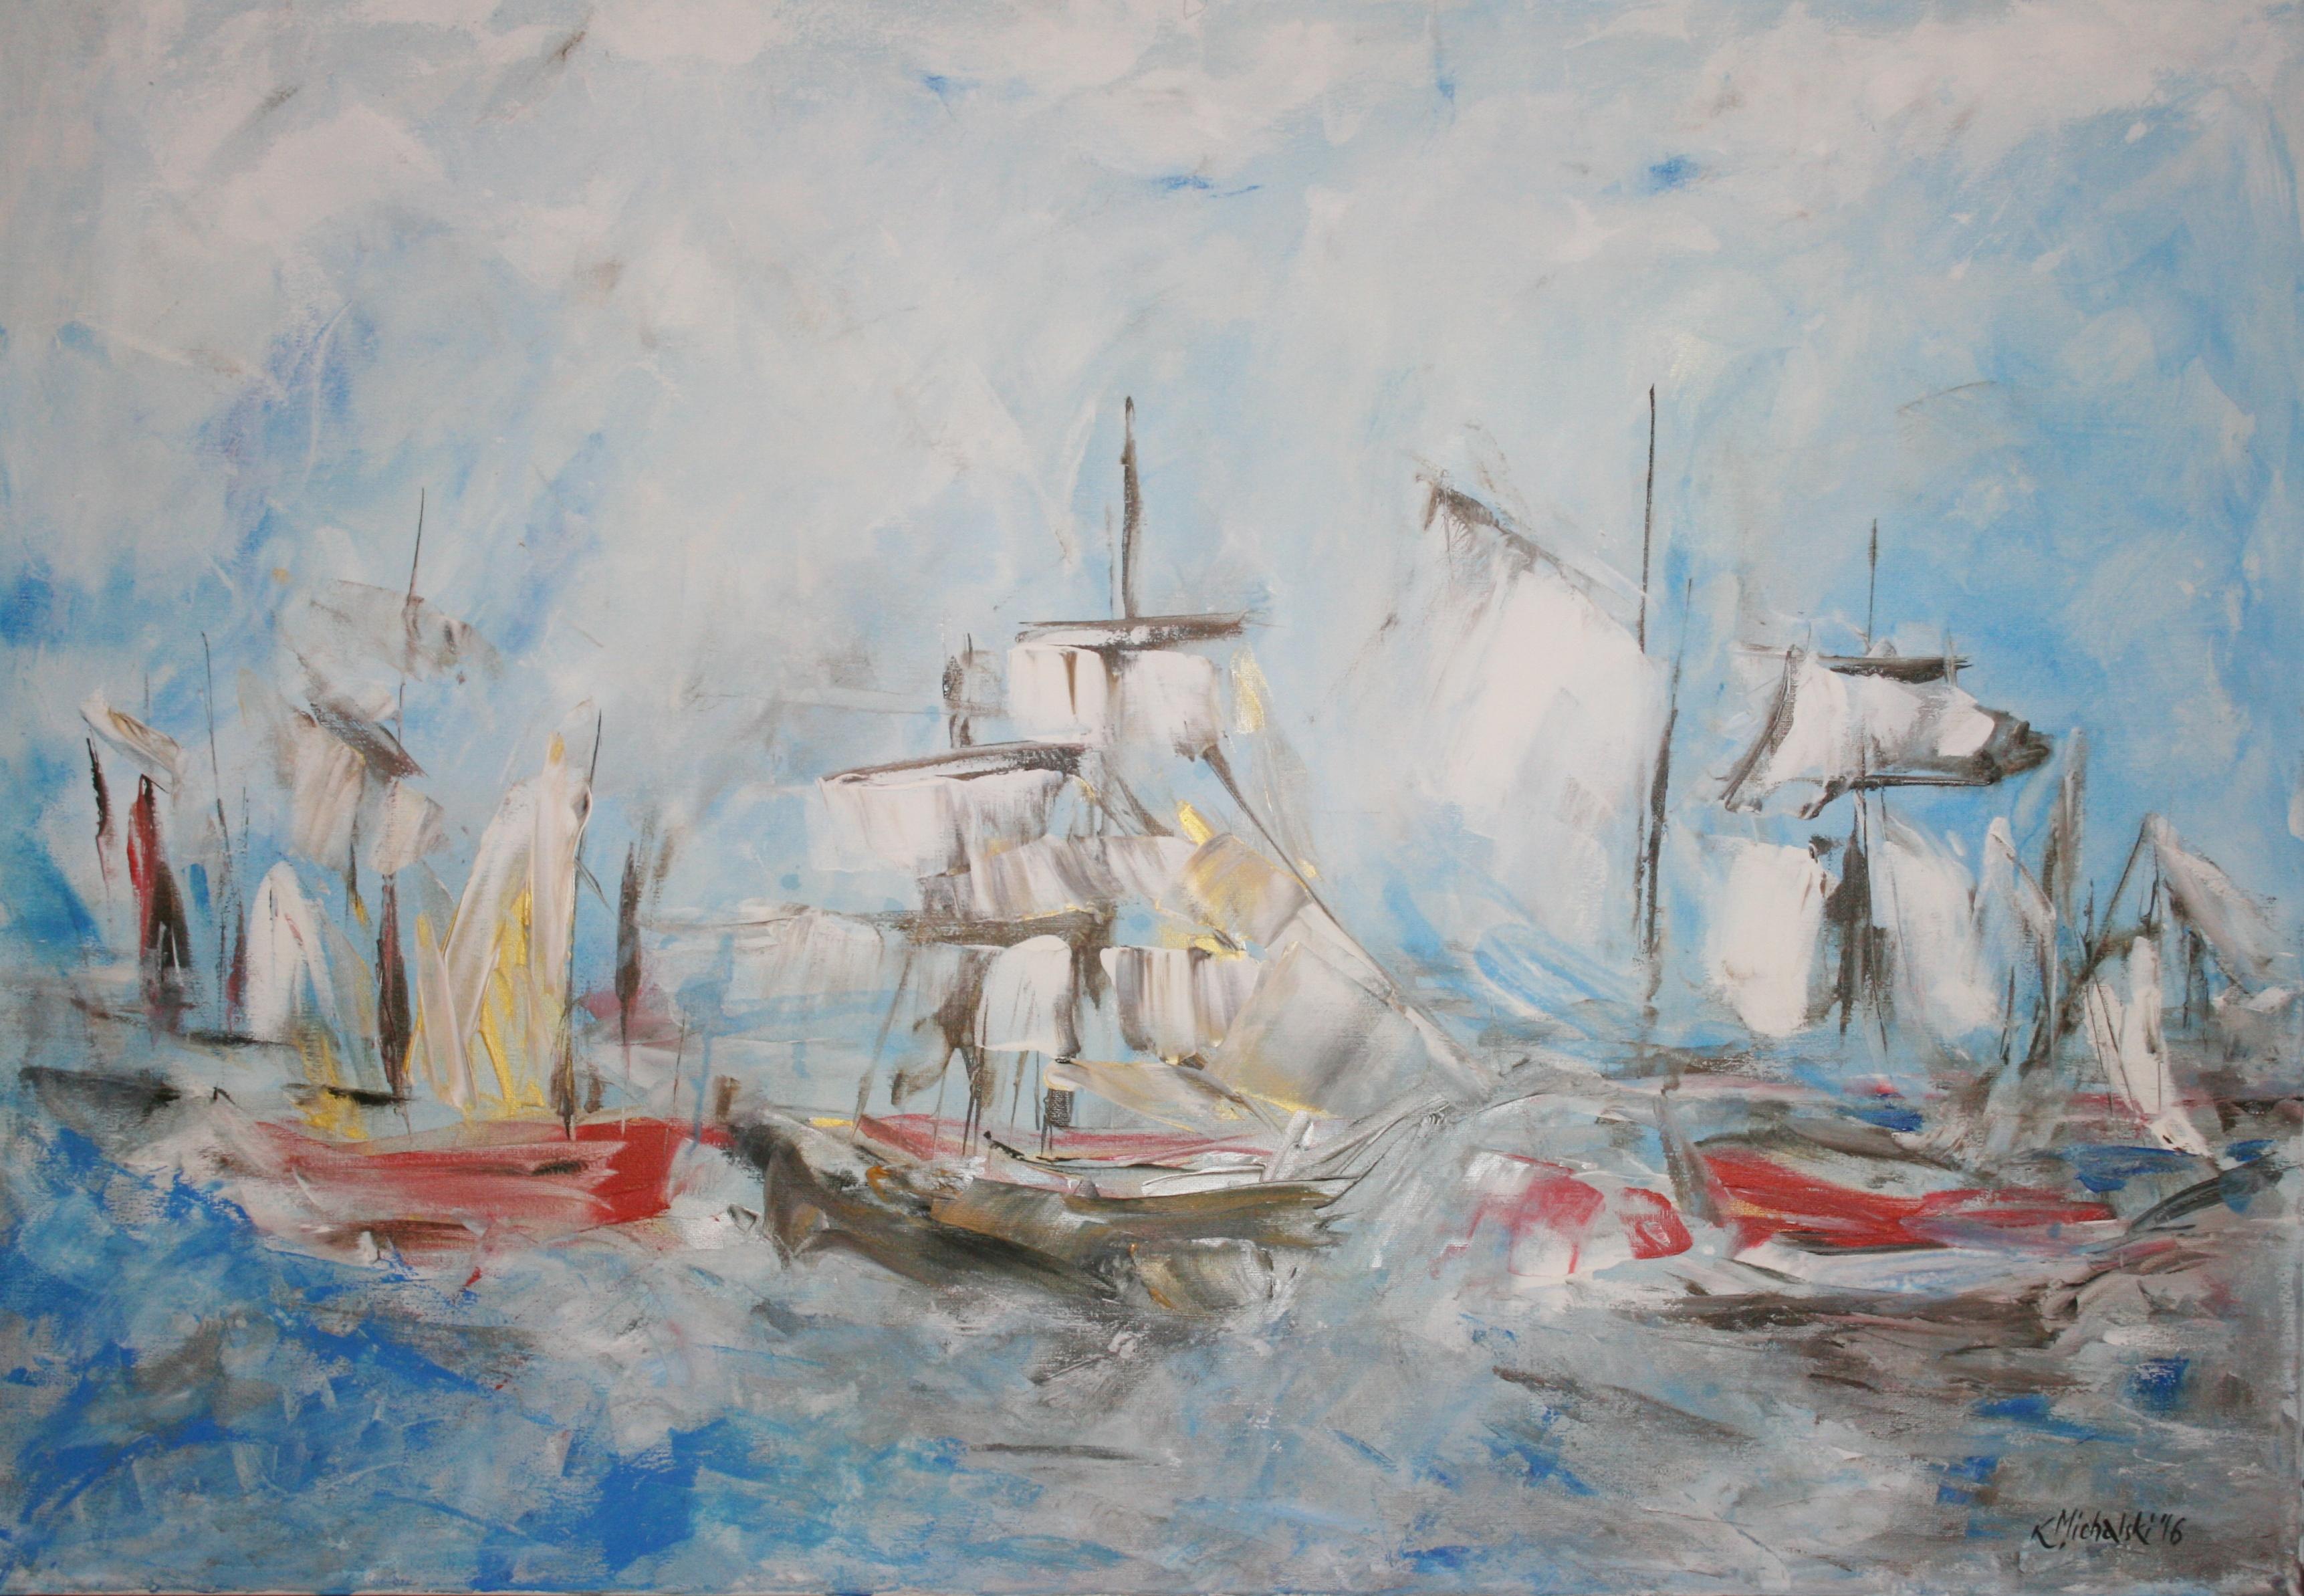 Im Hafen, 2016, 70 x 100, Acryl auf Leinwand